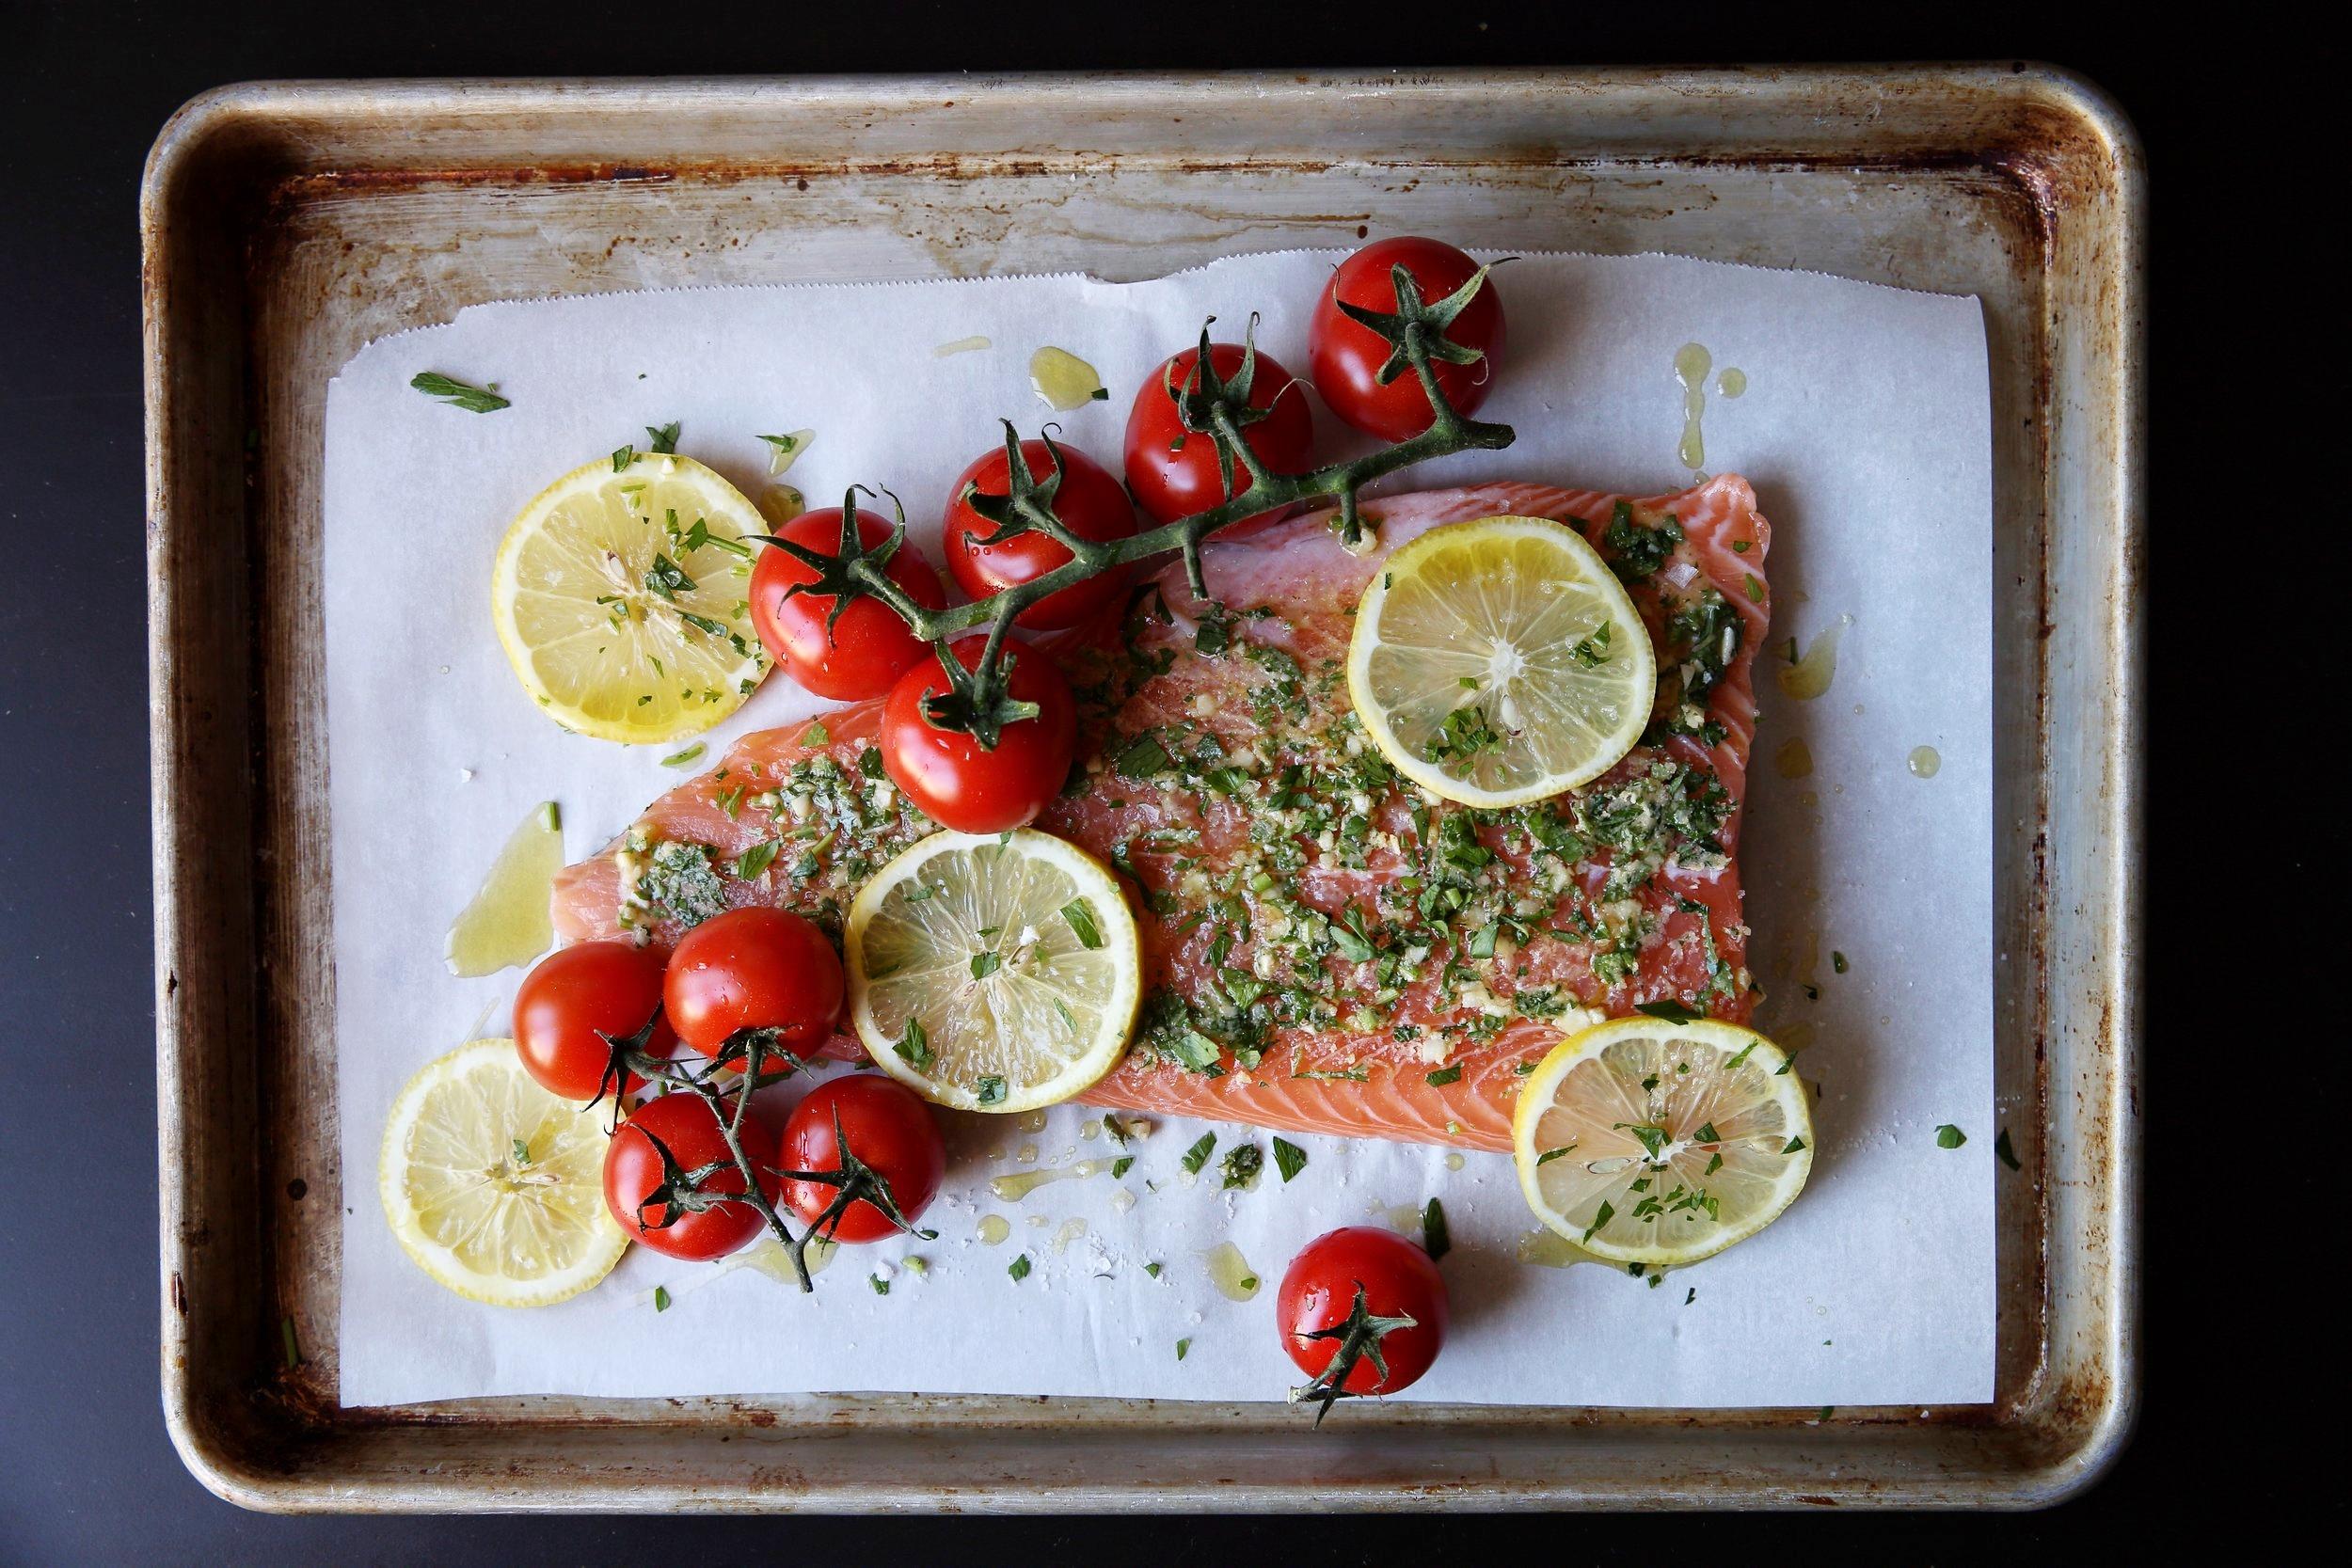 Judy Kim, food stylist, Roasted Salmon